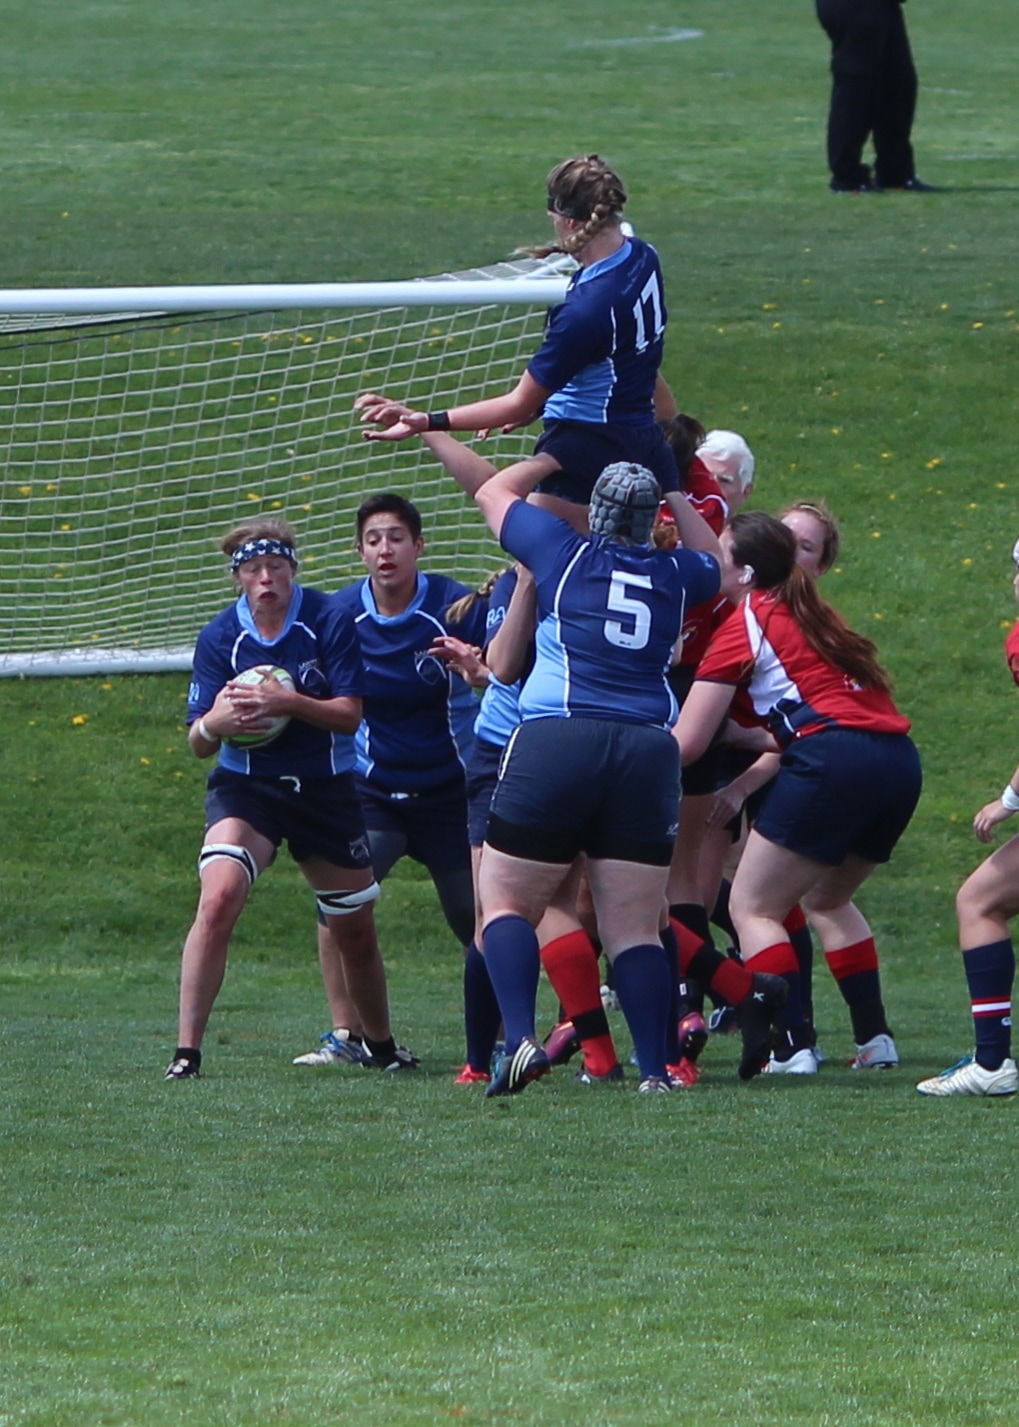 stl-rugby-170422-v-boulder-100c_orig